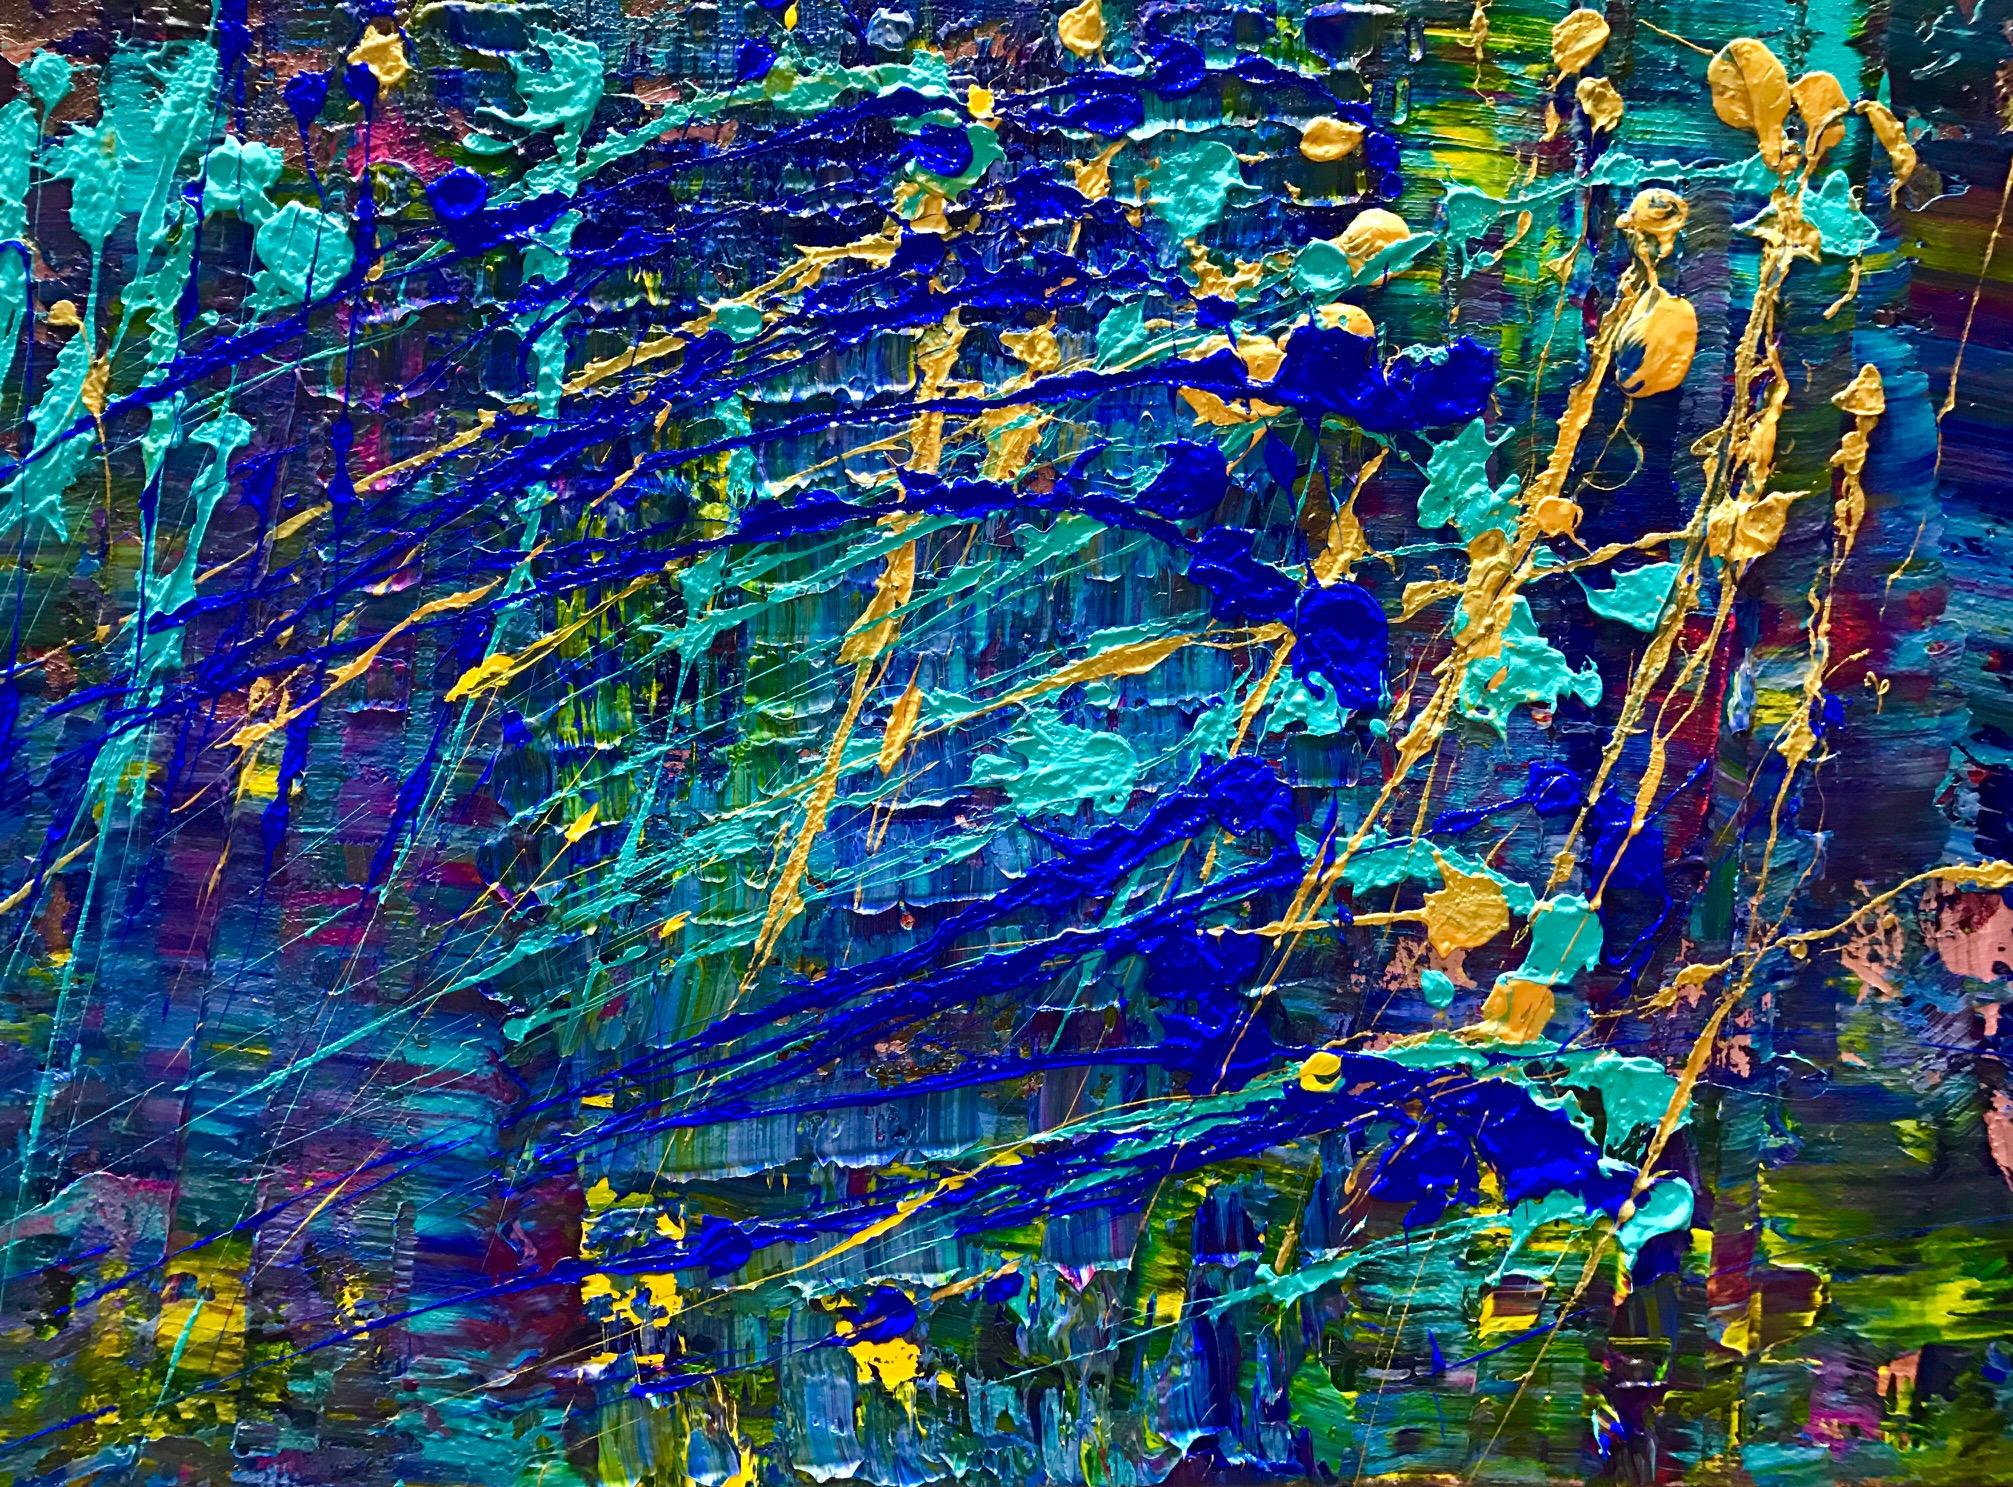 niam-jain-niam-jain-autism-artist-vietnam-autism-artist-autistic-artist-samsung-canada-1.jpg